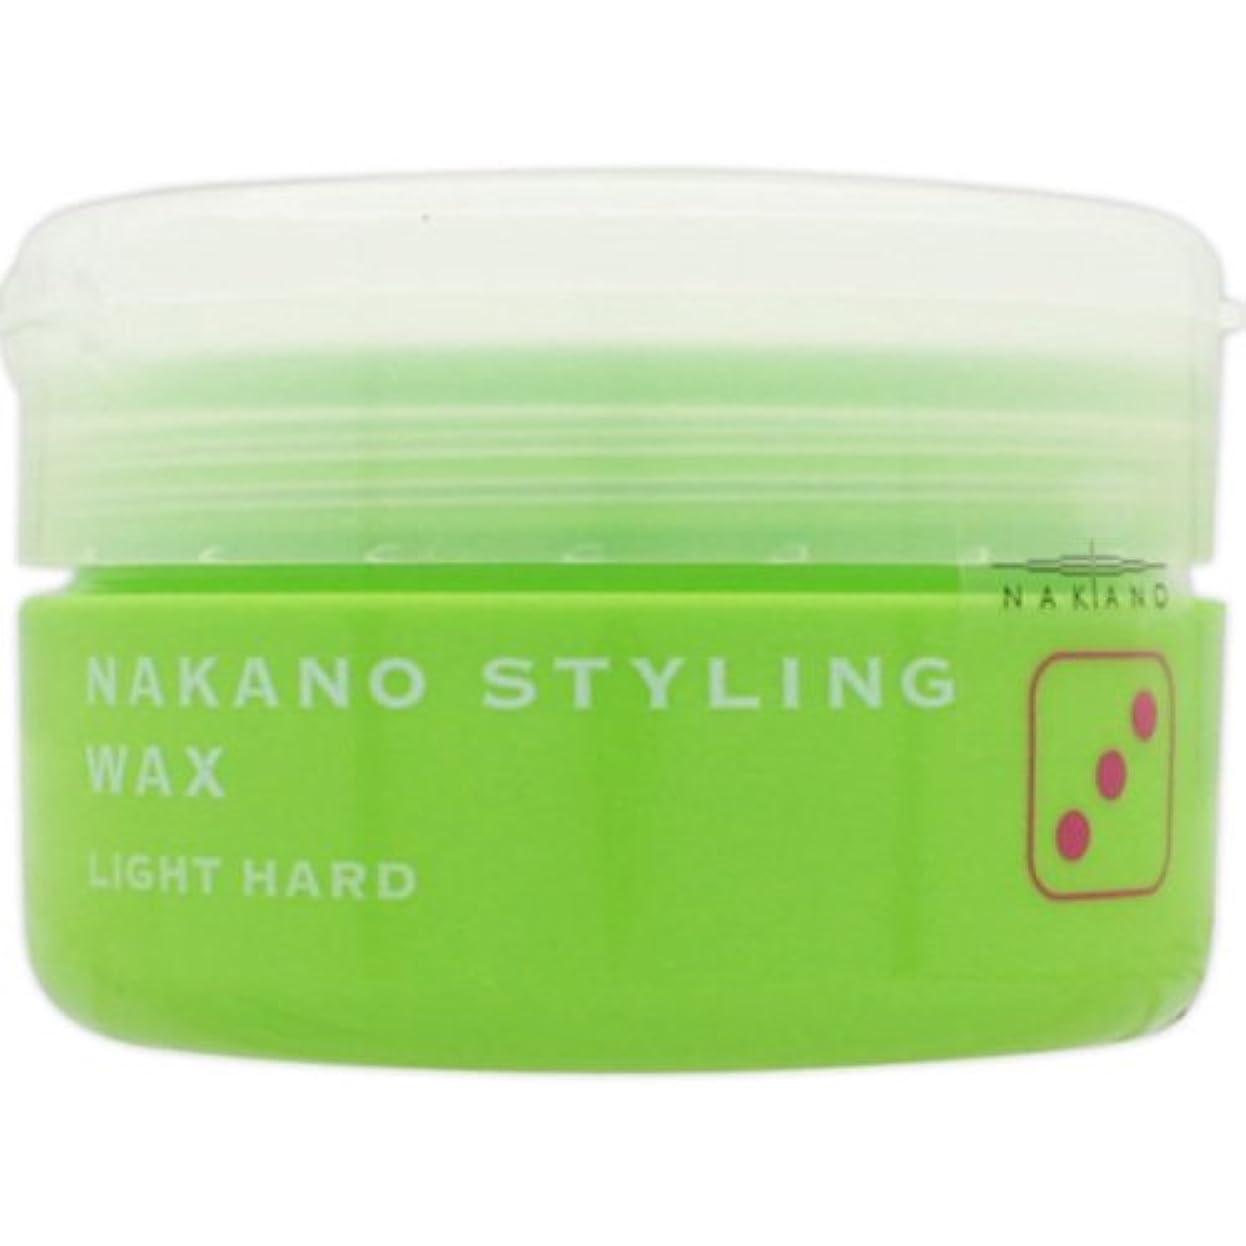 規制する契約添加ナカノ スタイリングワックス 3 ライトハード 90g 中野製薬 NAKANO